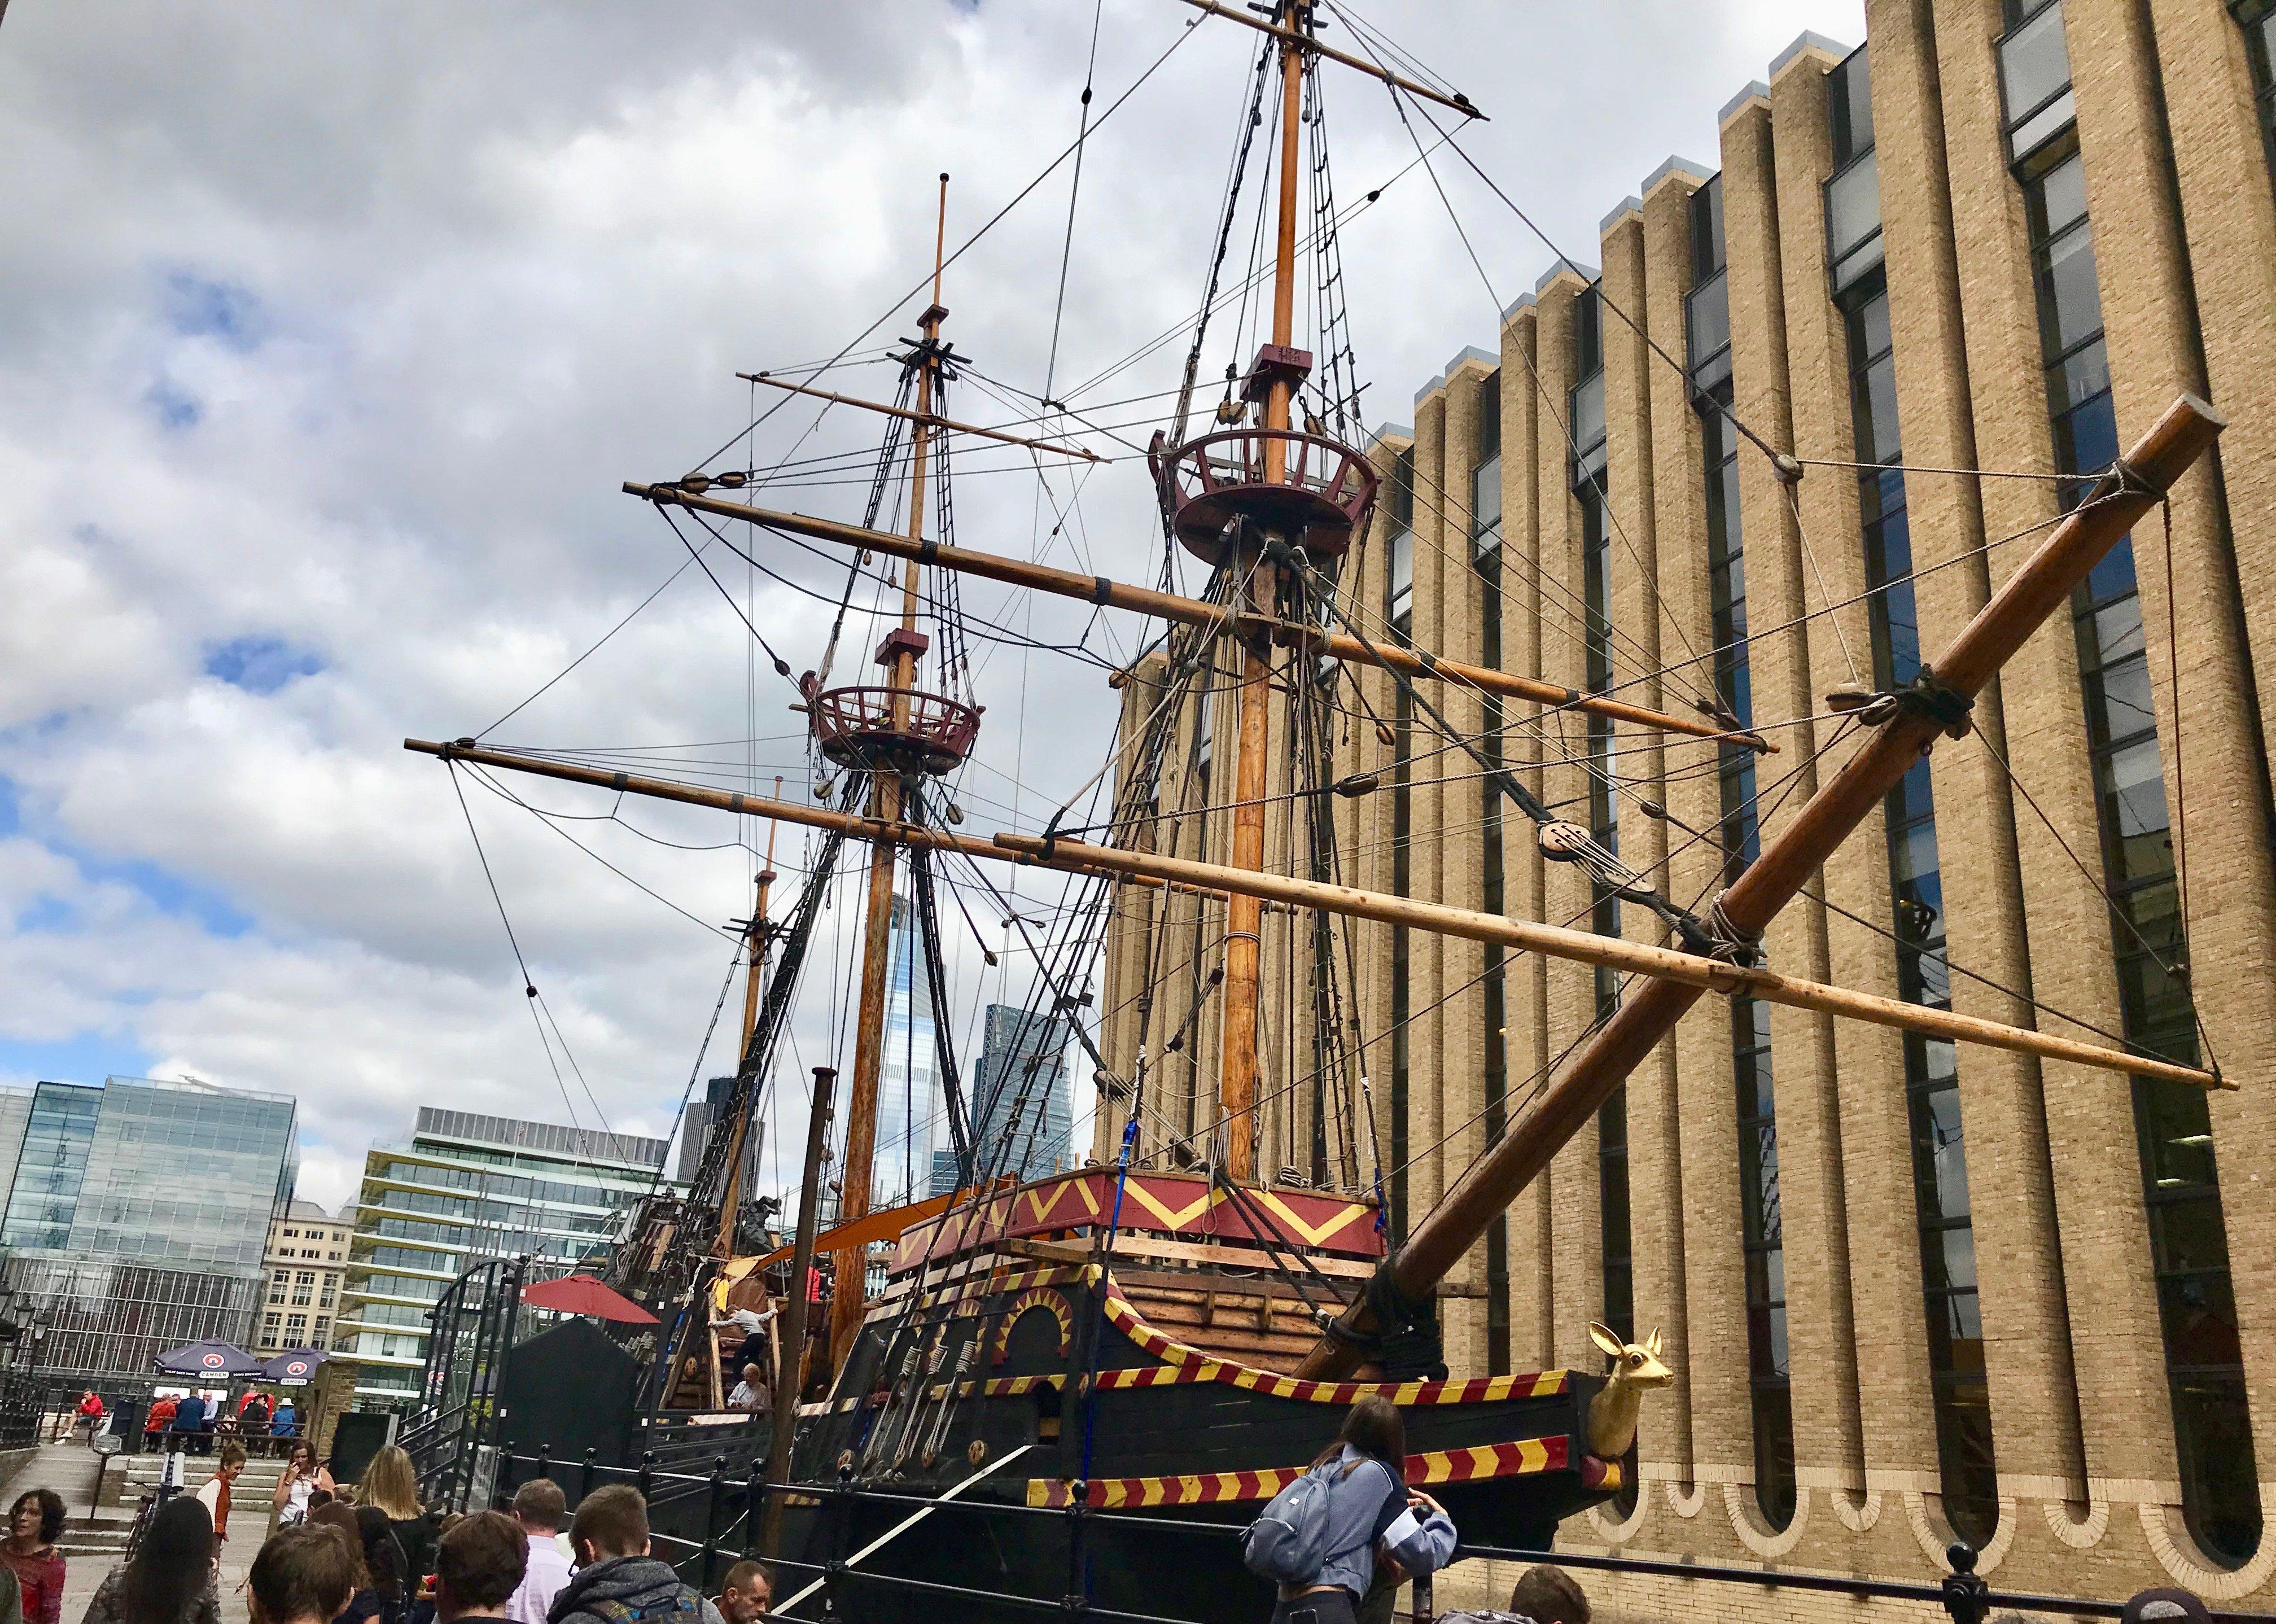 Golden Hinde Galleon London